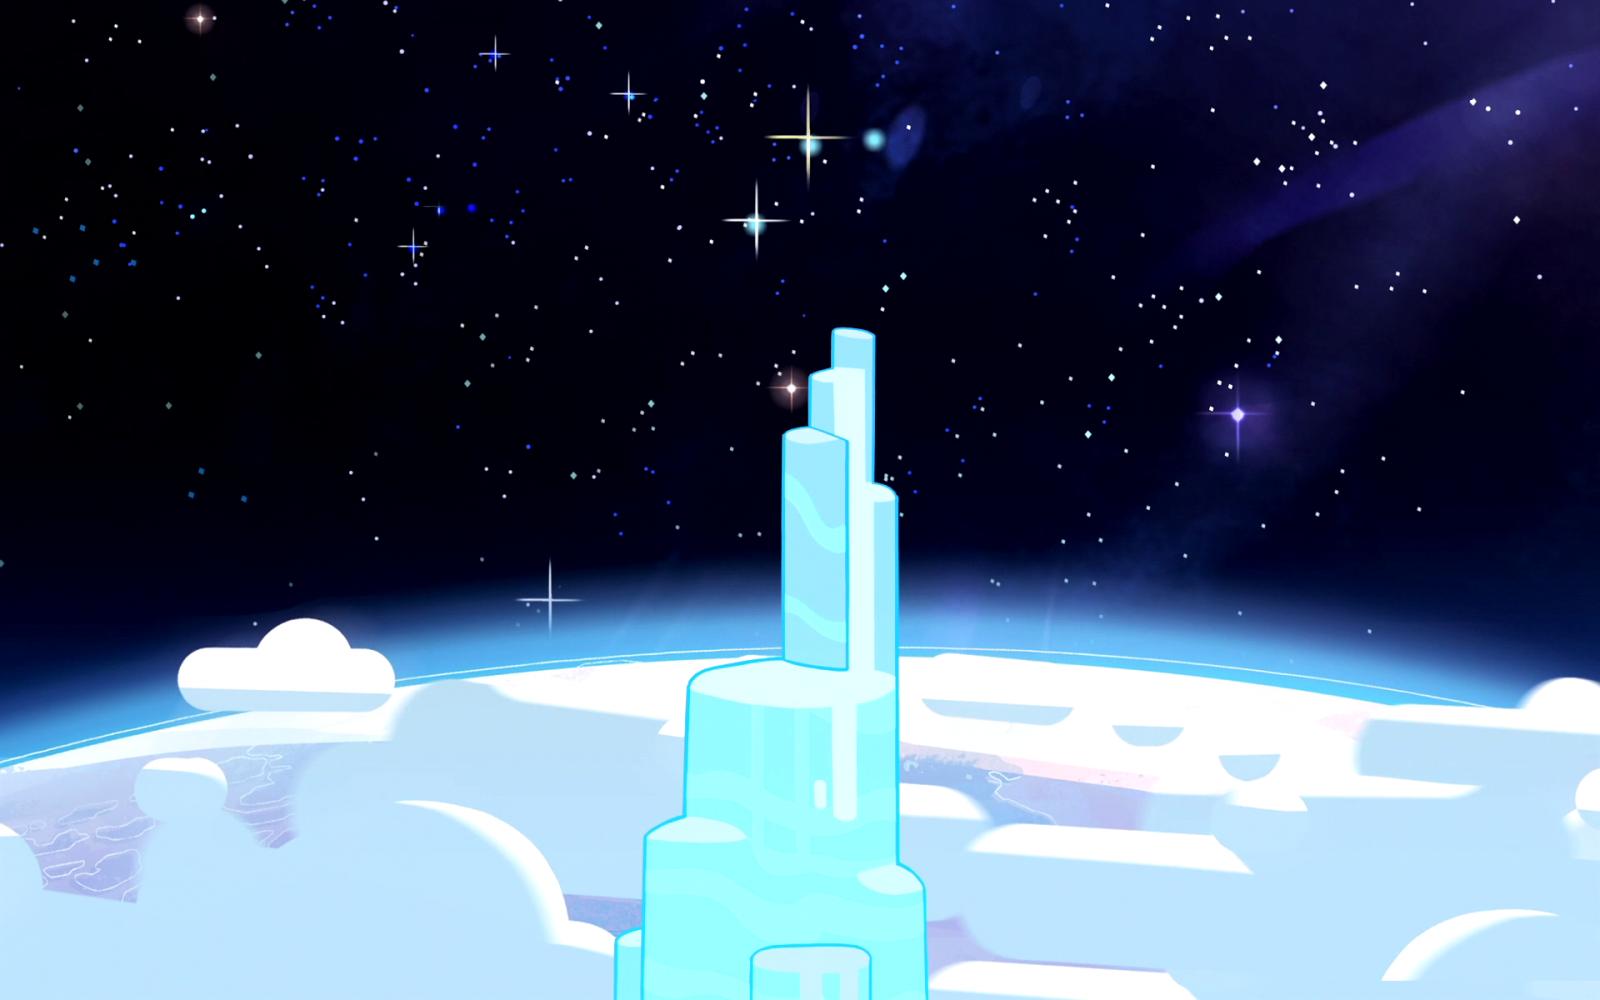 Ilustração Gratis Espaço Todos Os Universo Cosmos: Papel De Parede : Ilustração, Céu, Desenho Animado